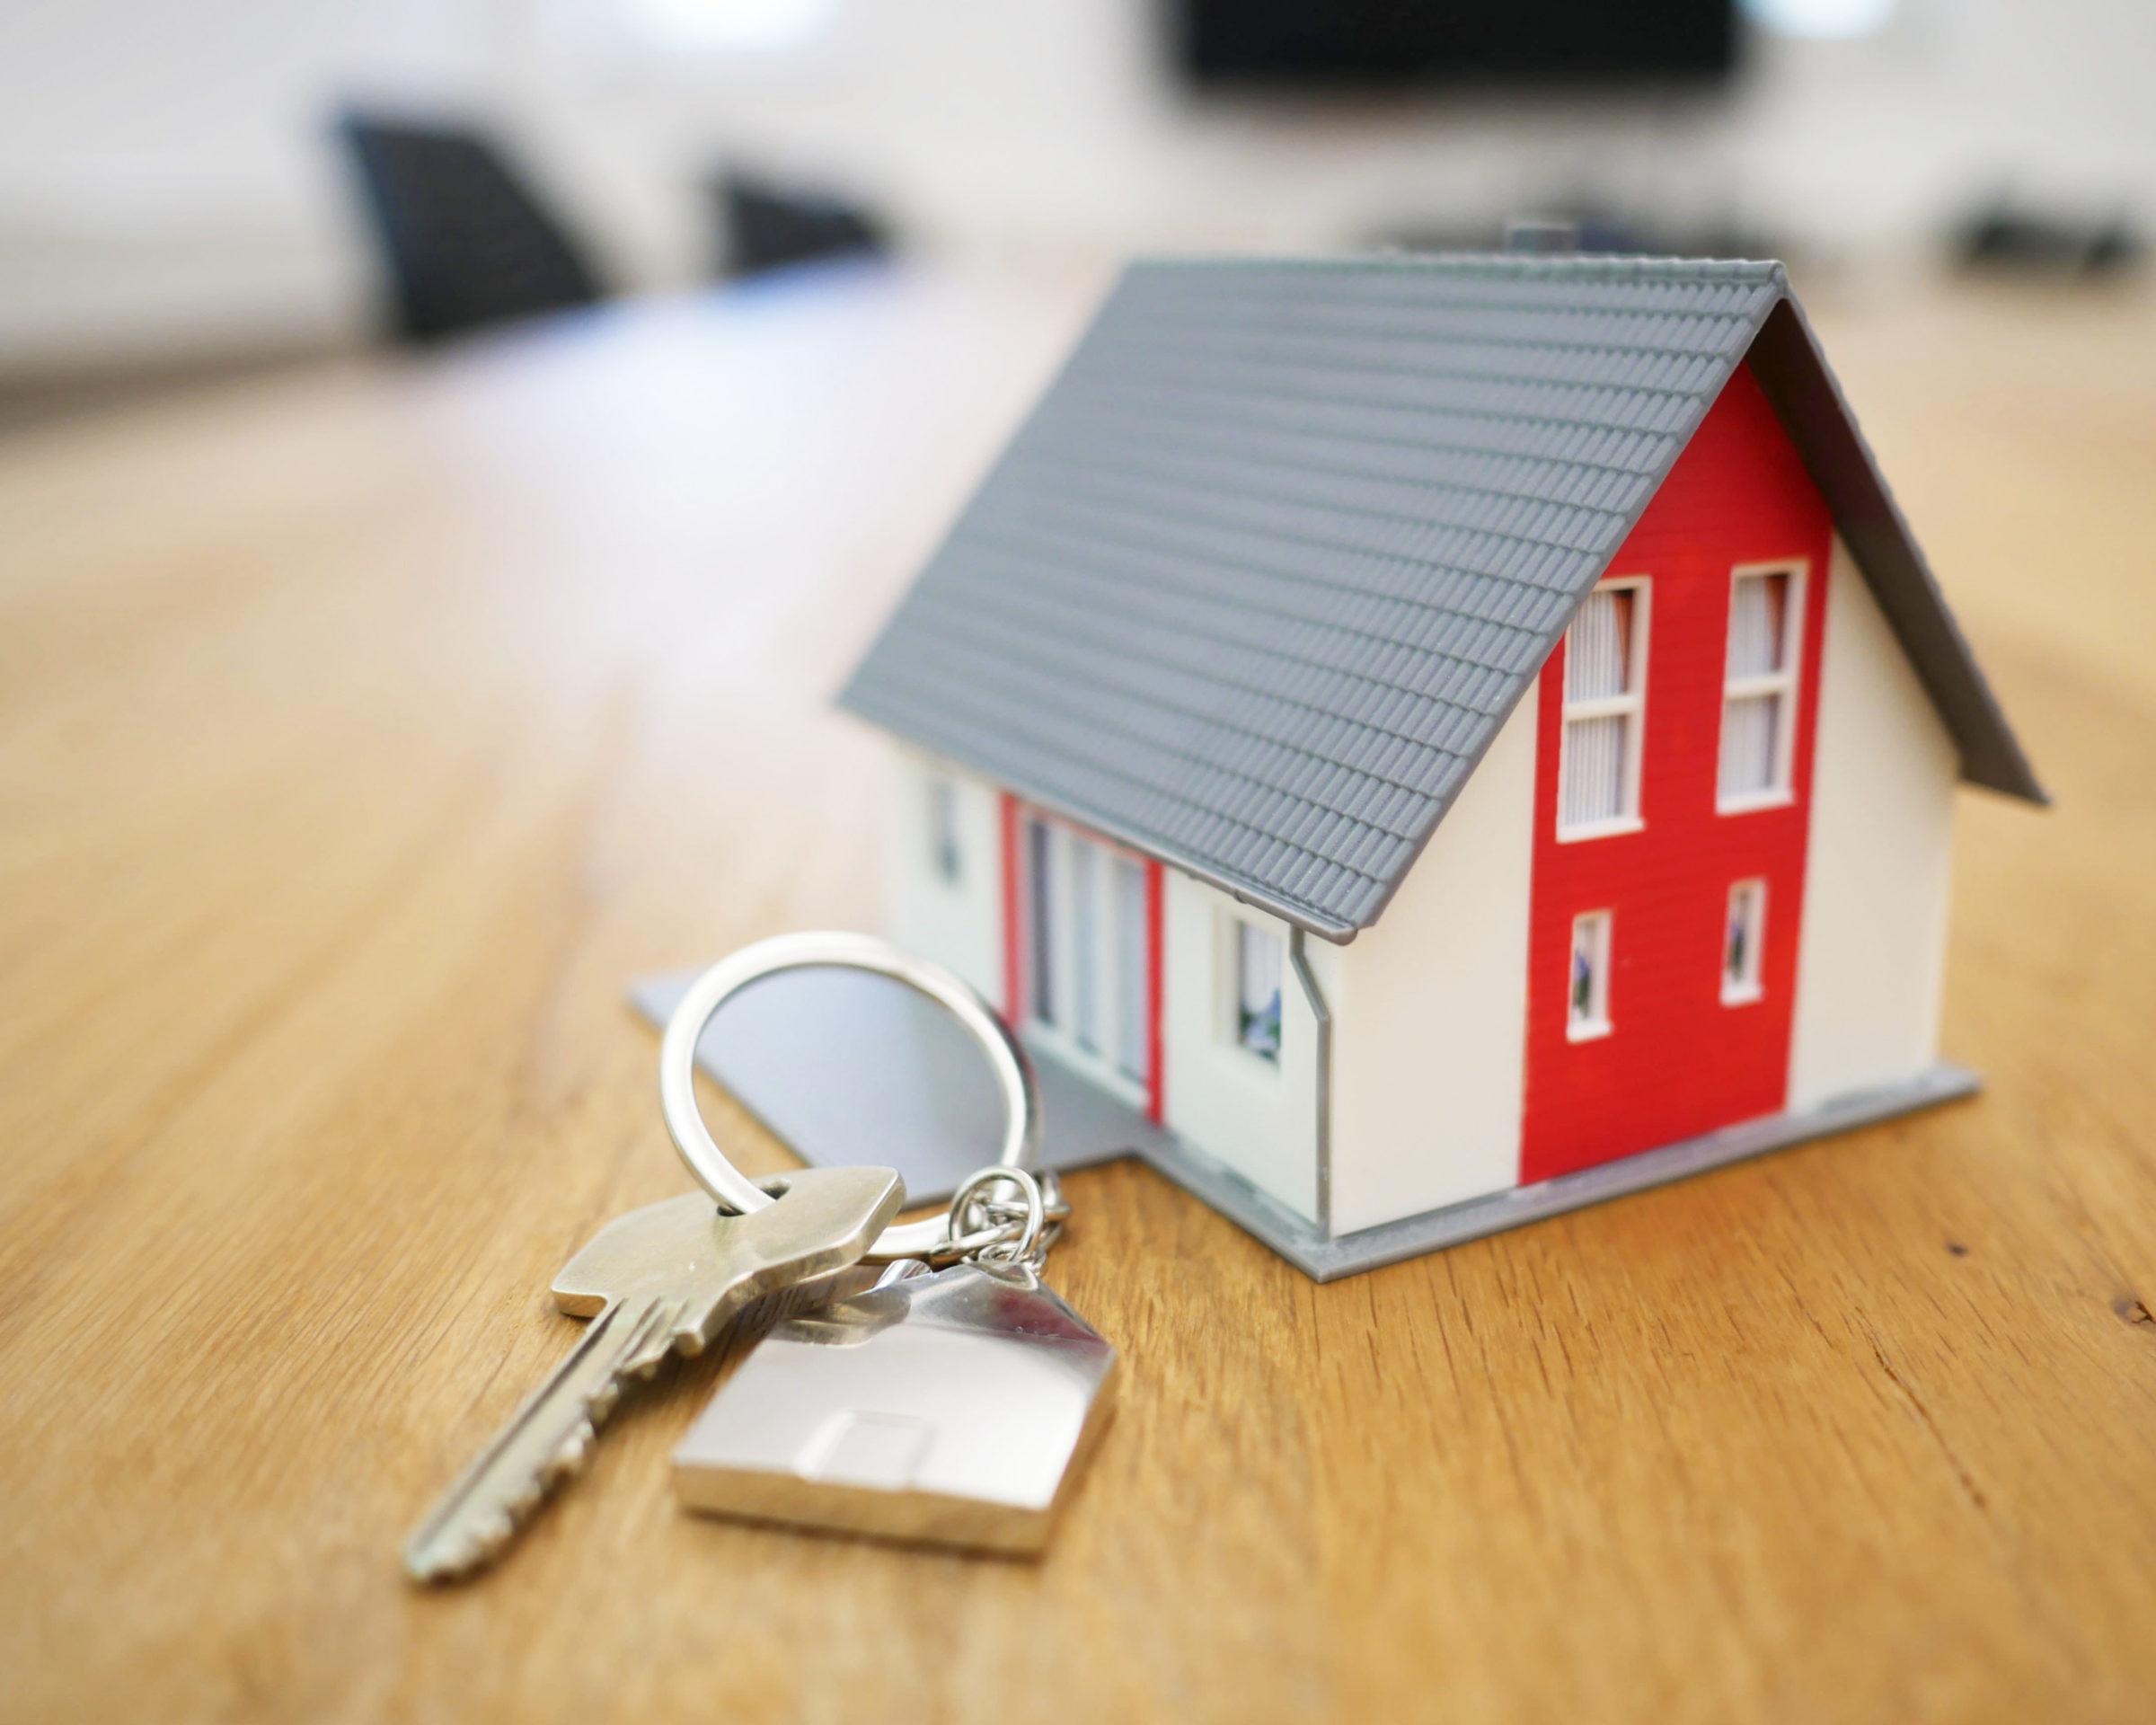 grey-white-red-house-model-keys